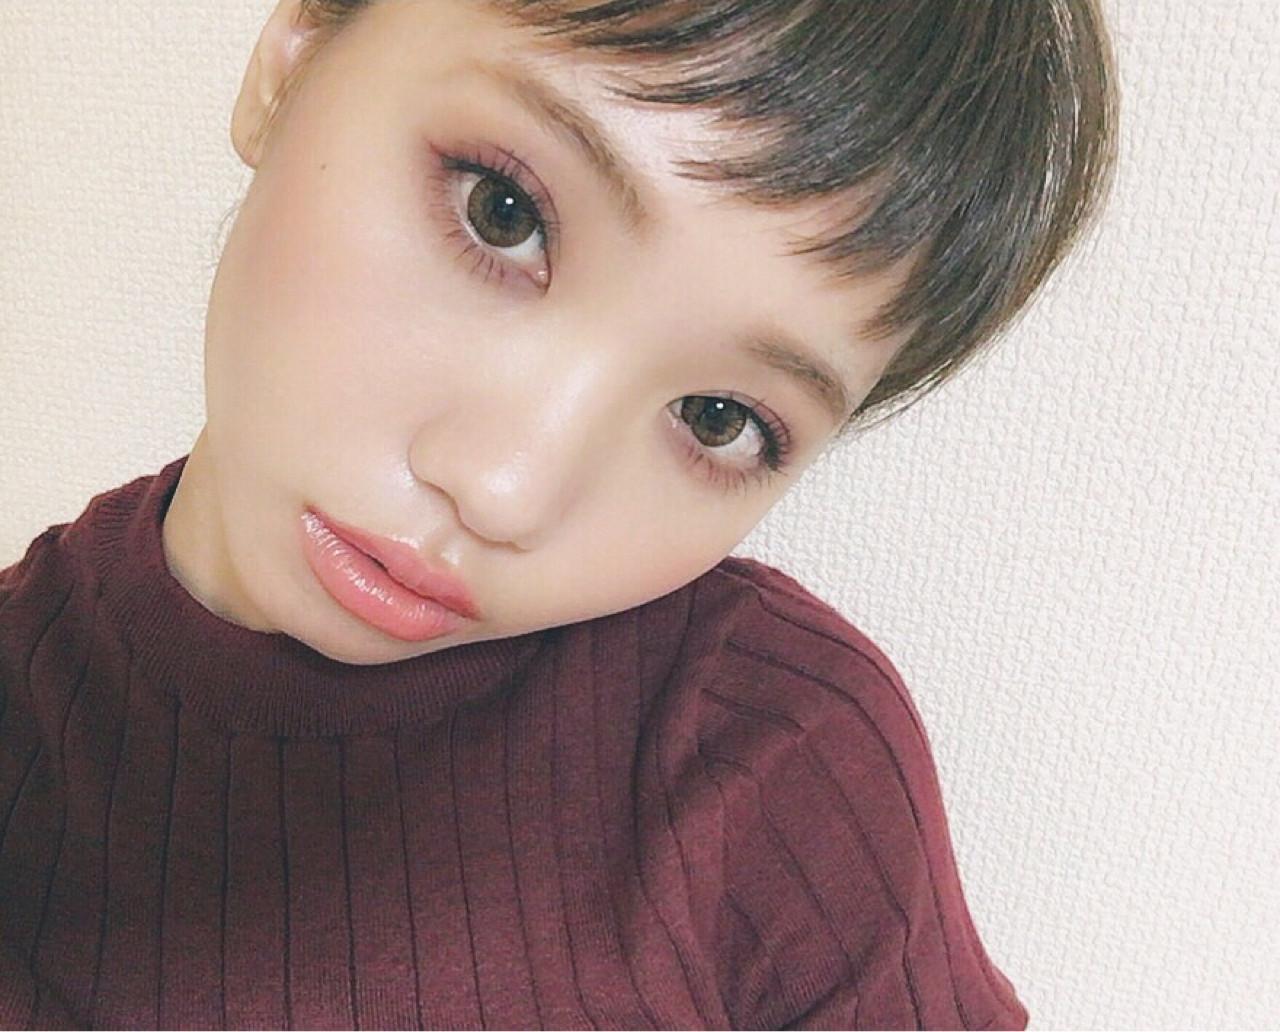 モード ミディアム 秋 ボルドー ヘアスタイルや髪型の写真・画像 | 加藤 優希 /